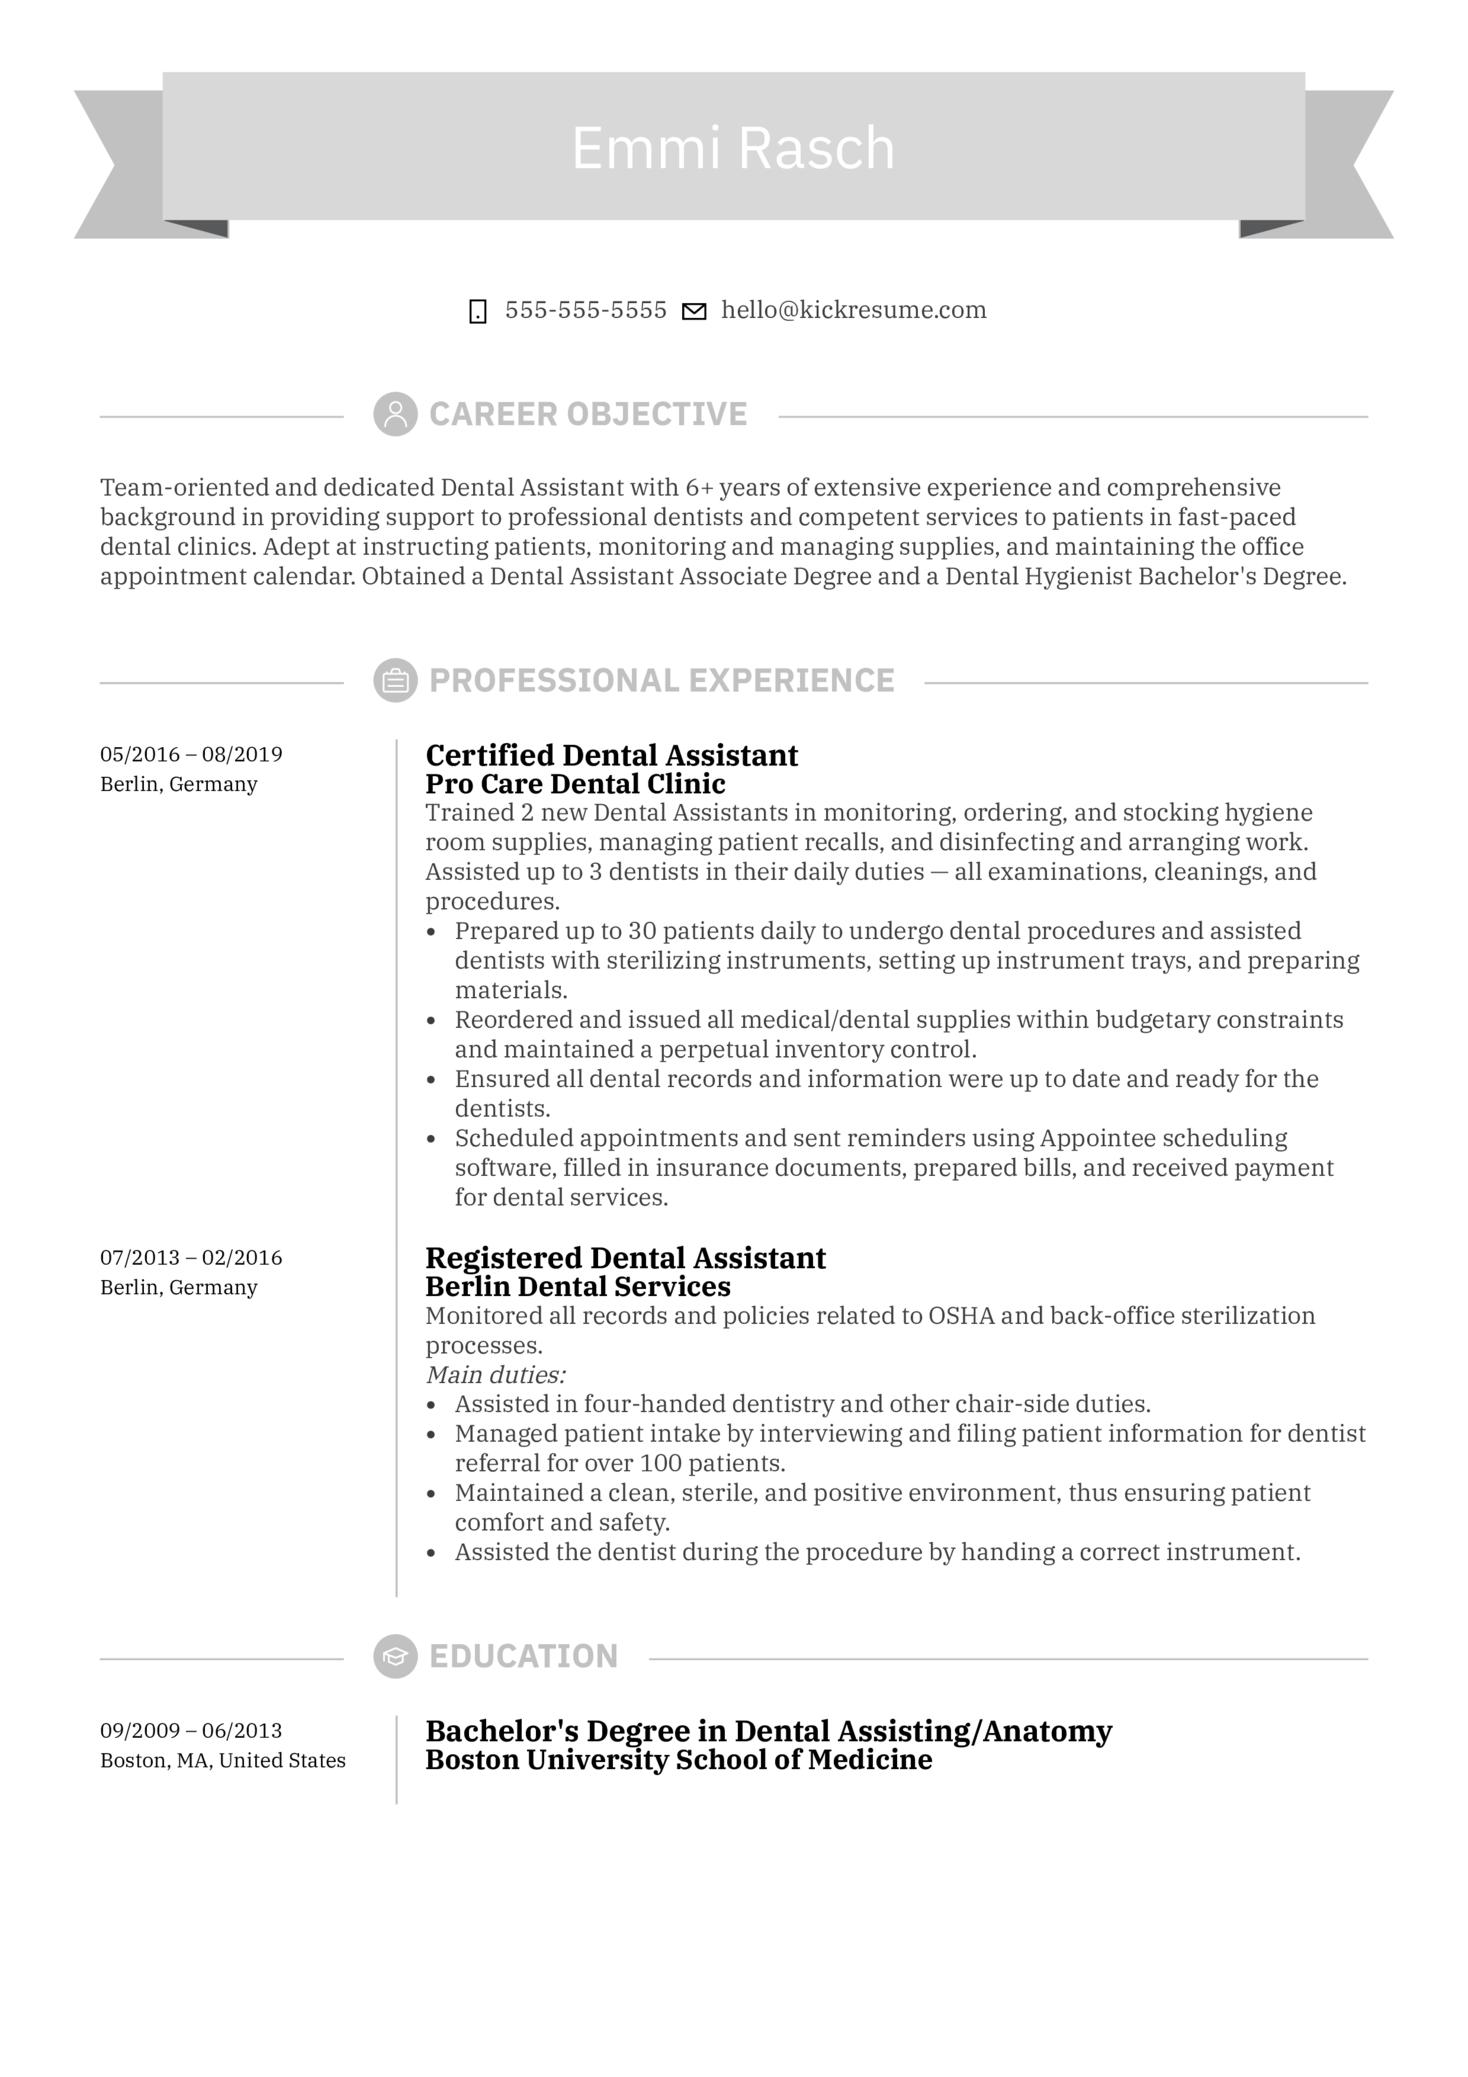 Dental Assistant Resume Sample (Parte 1)